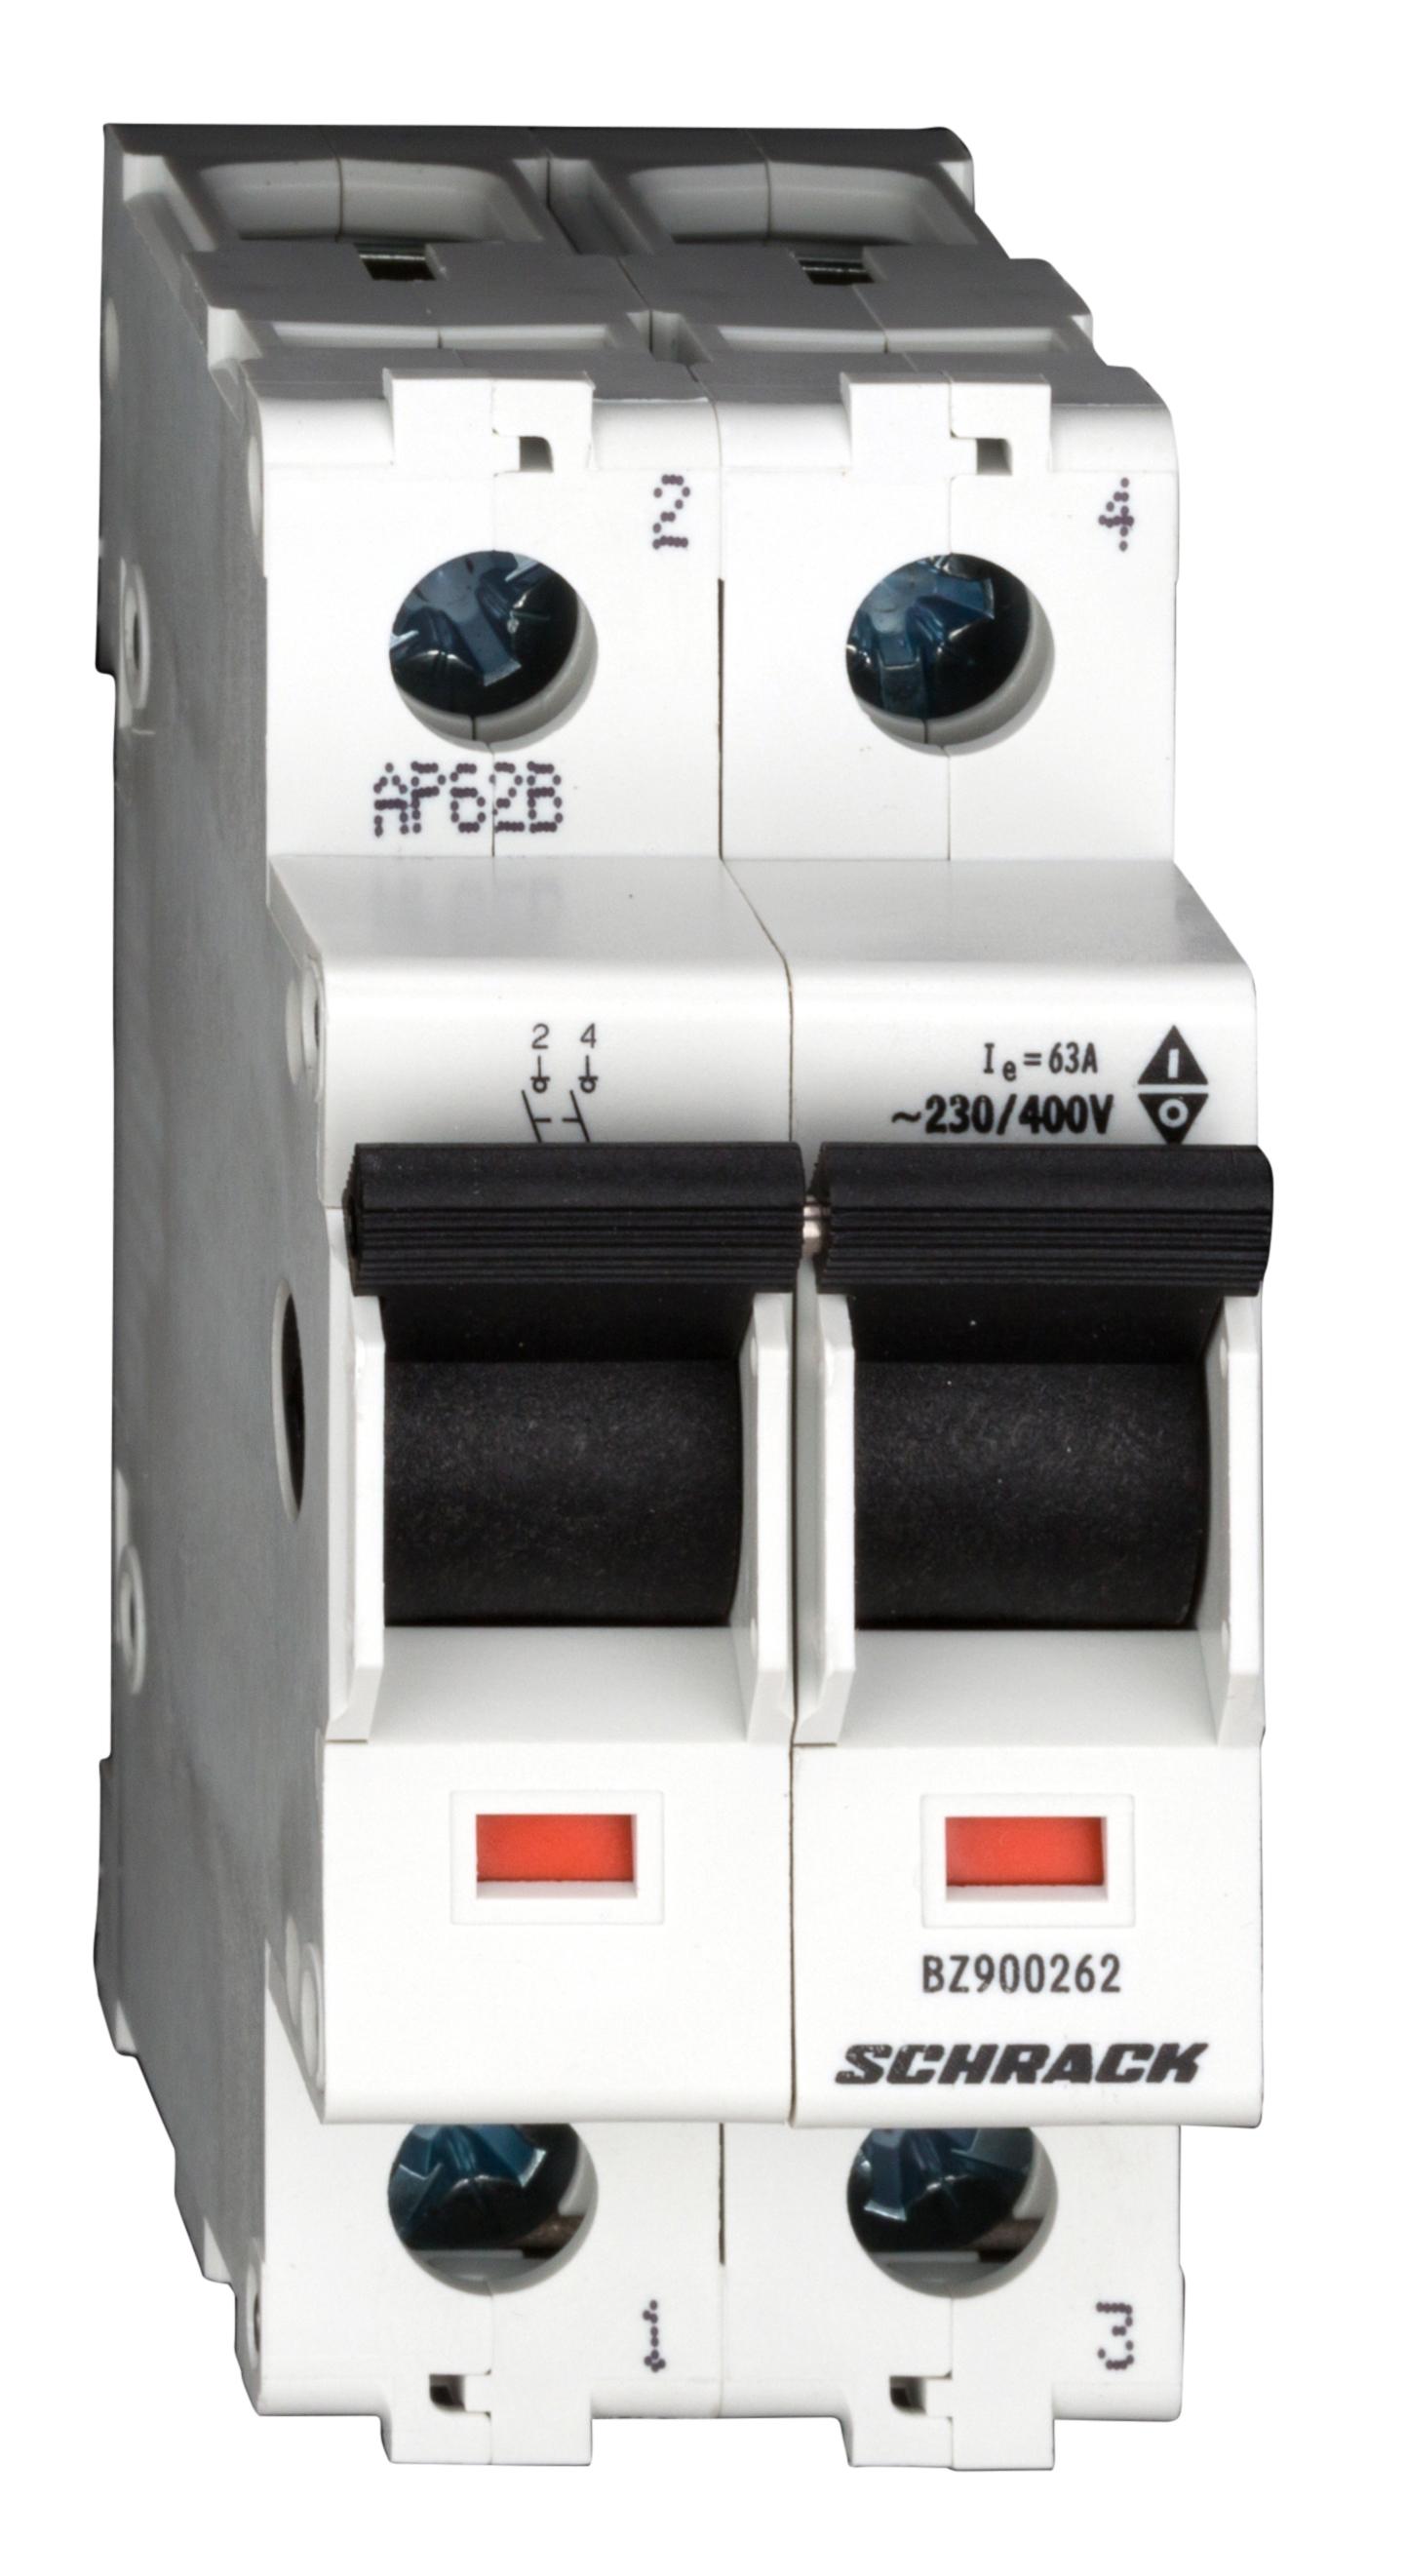 1 Stk Hauptlasttrennschalter, isoliert, 63A, 2-polig BZ900262--